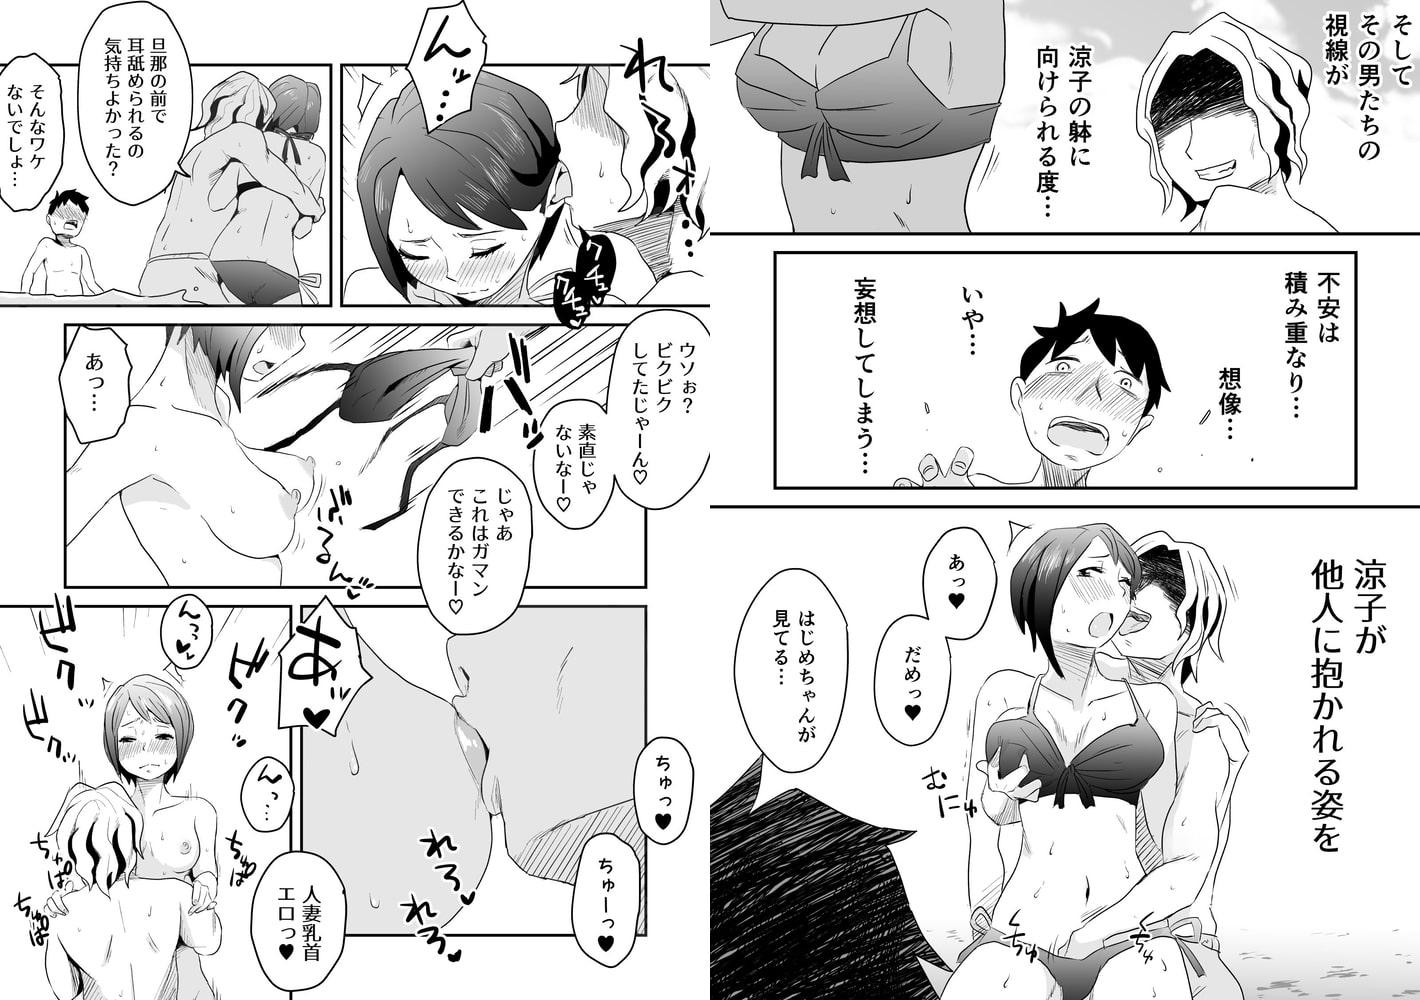 ネトラレ妄想シンドローム完全版